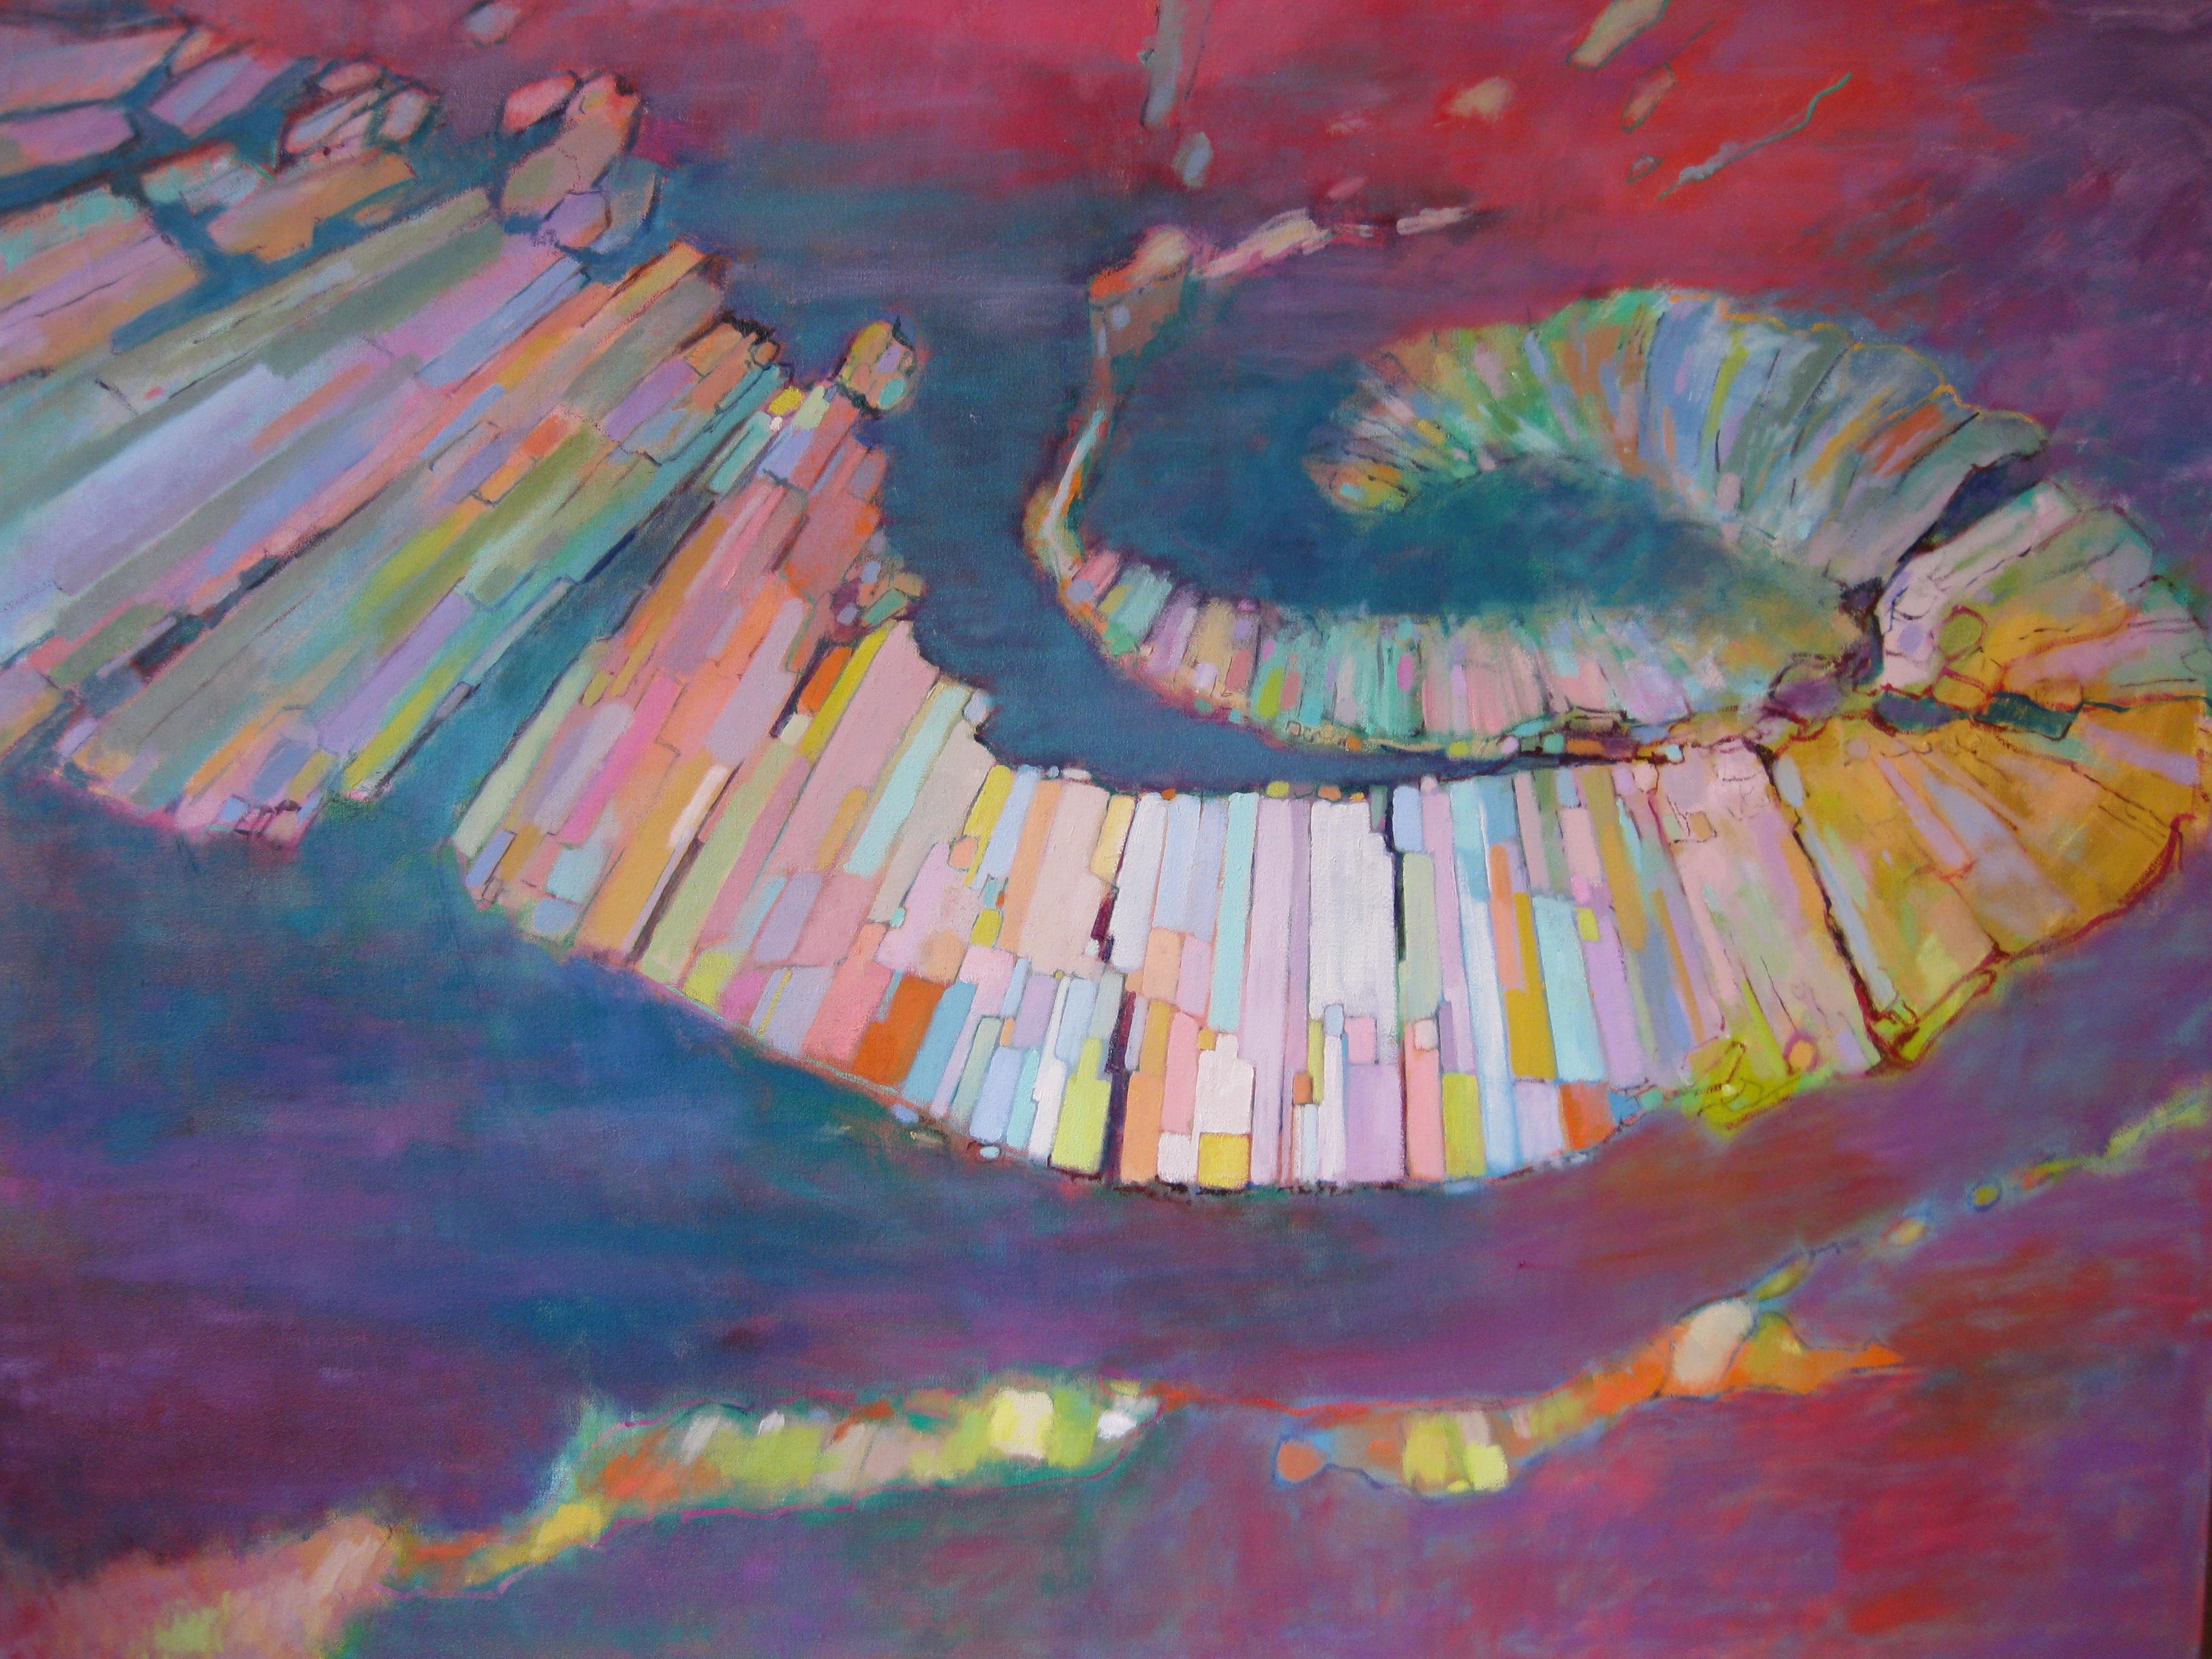 John Faulkner Paintings Adrift